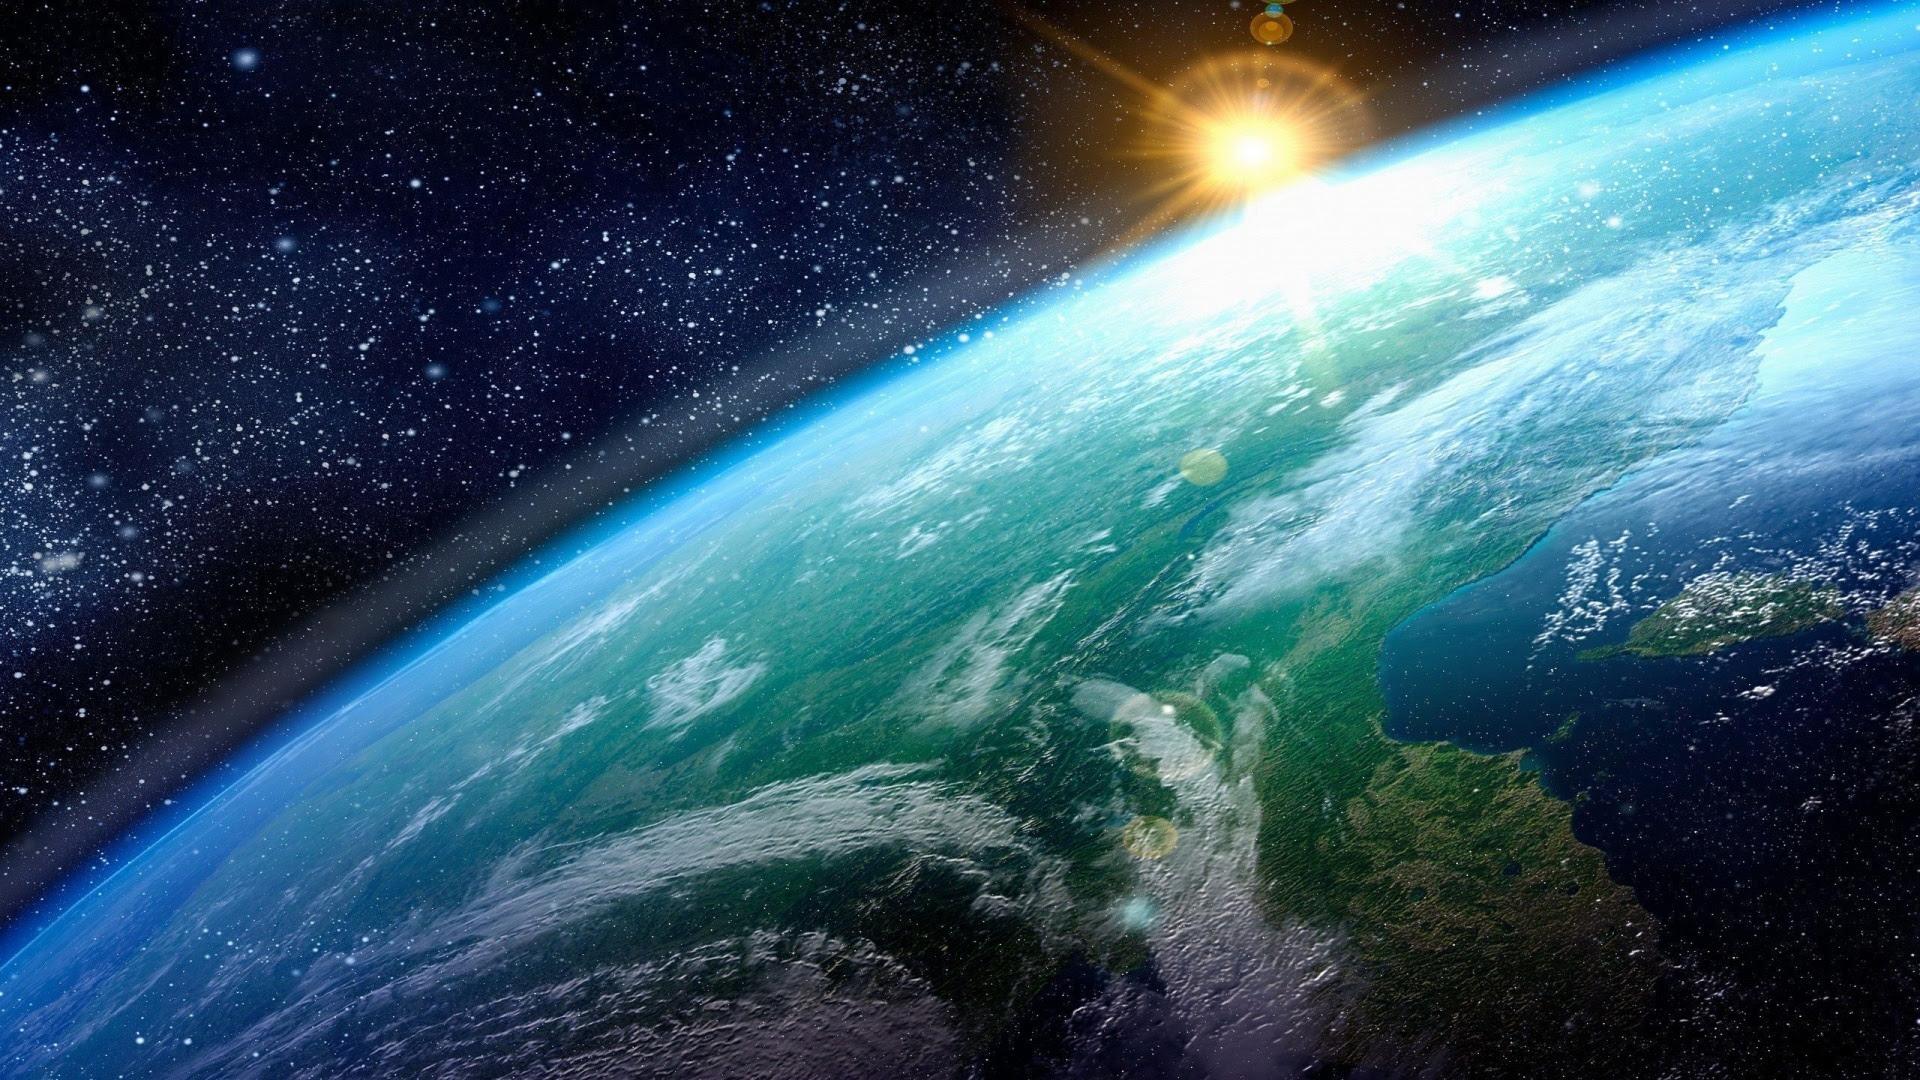 Bumi Dihamparkan (Bulat atau Datar) - NORTAQIFA ABD SHAIDI